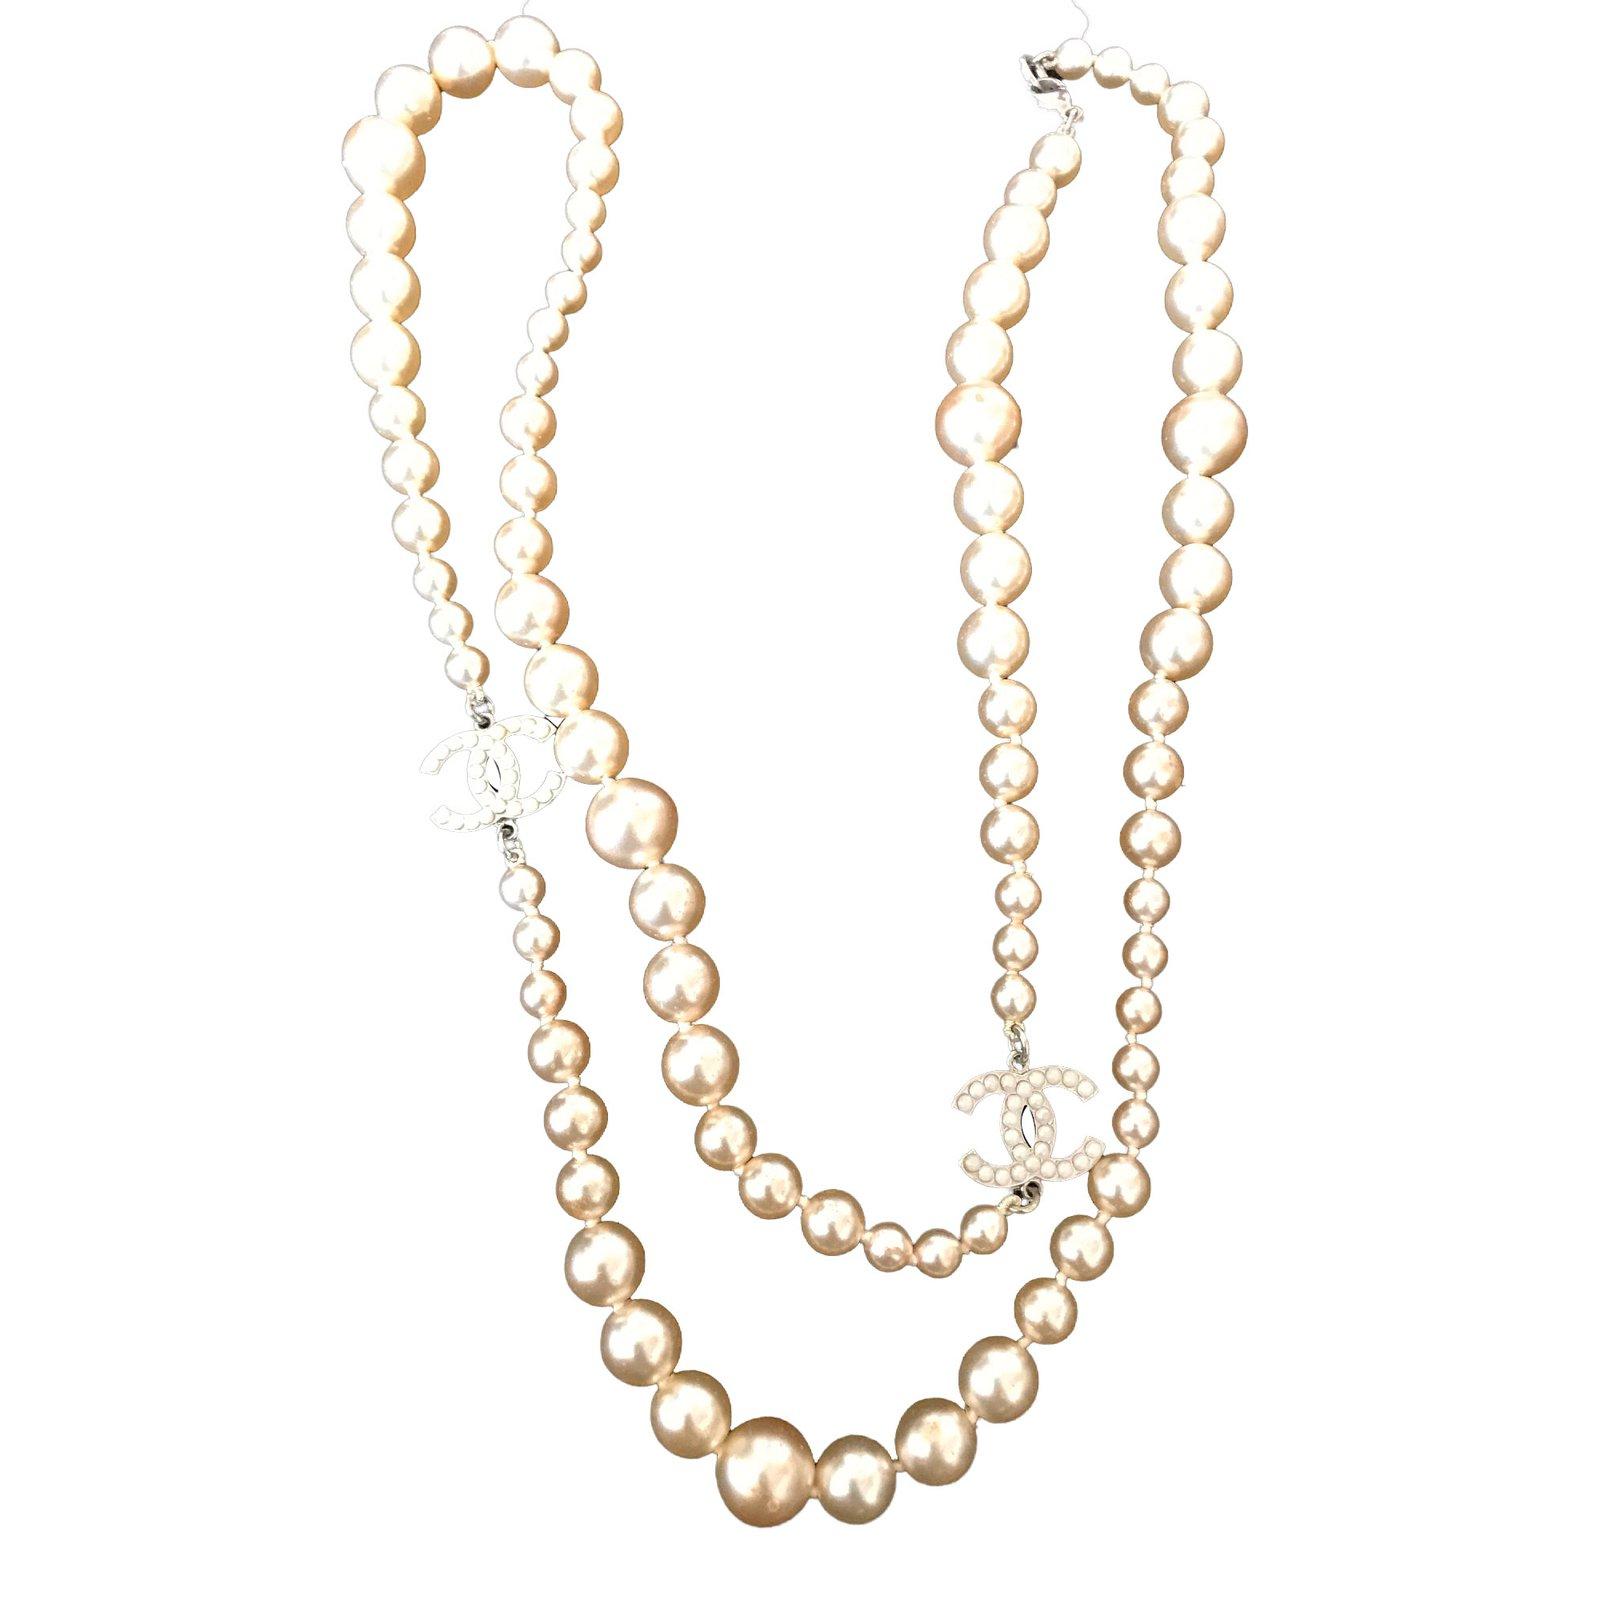 56a9e9a5ae Long necklace